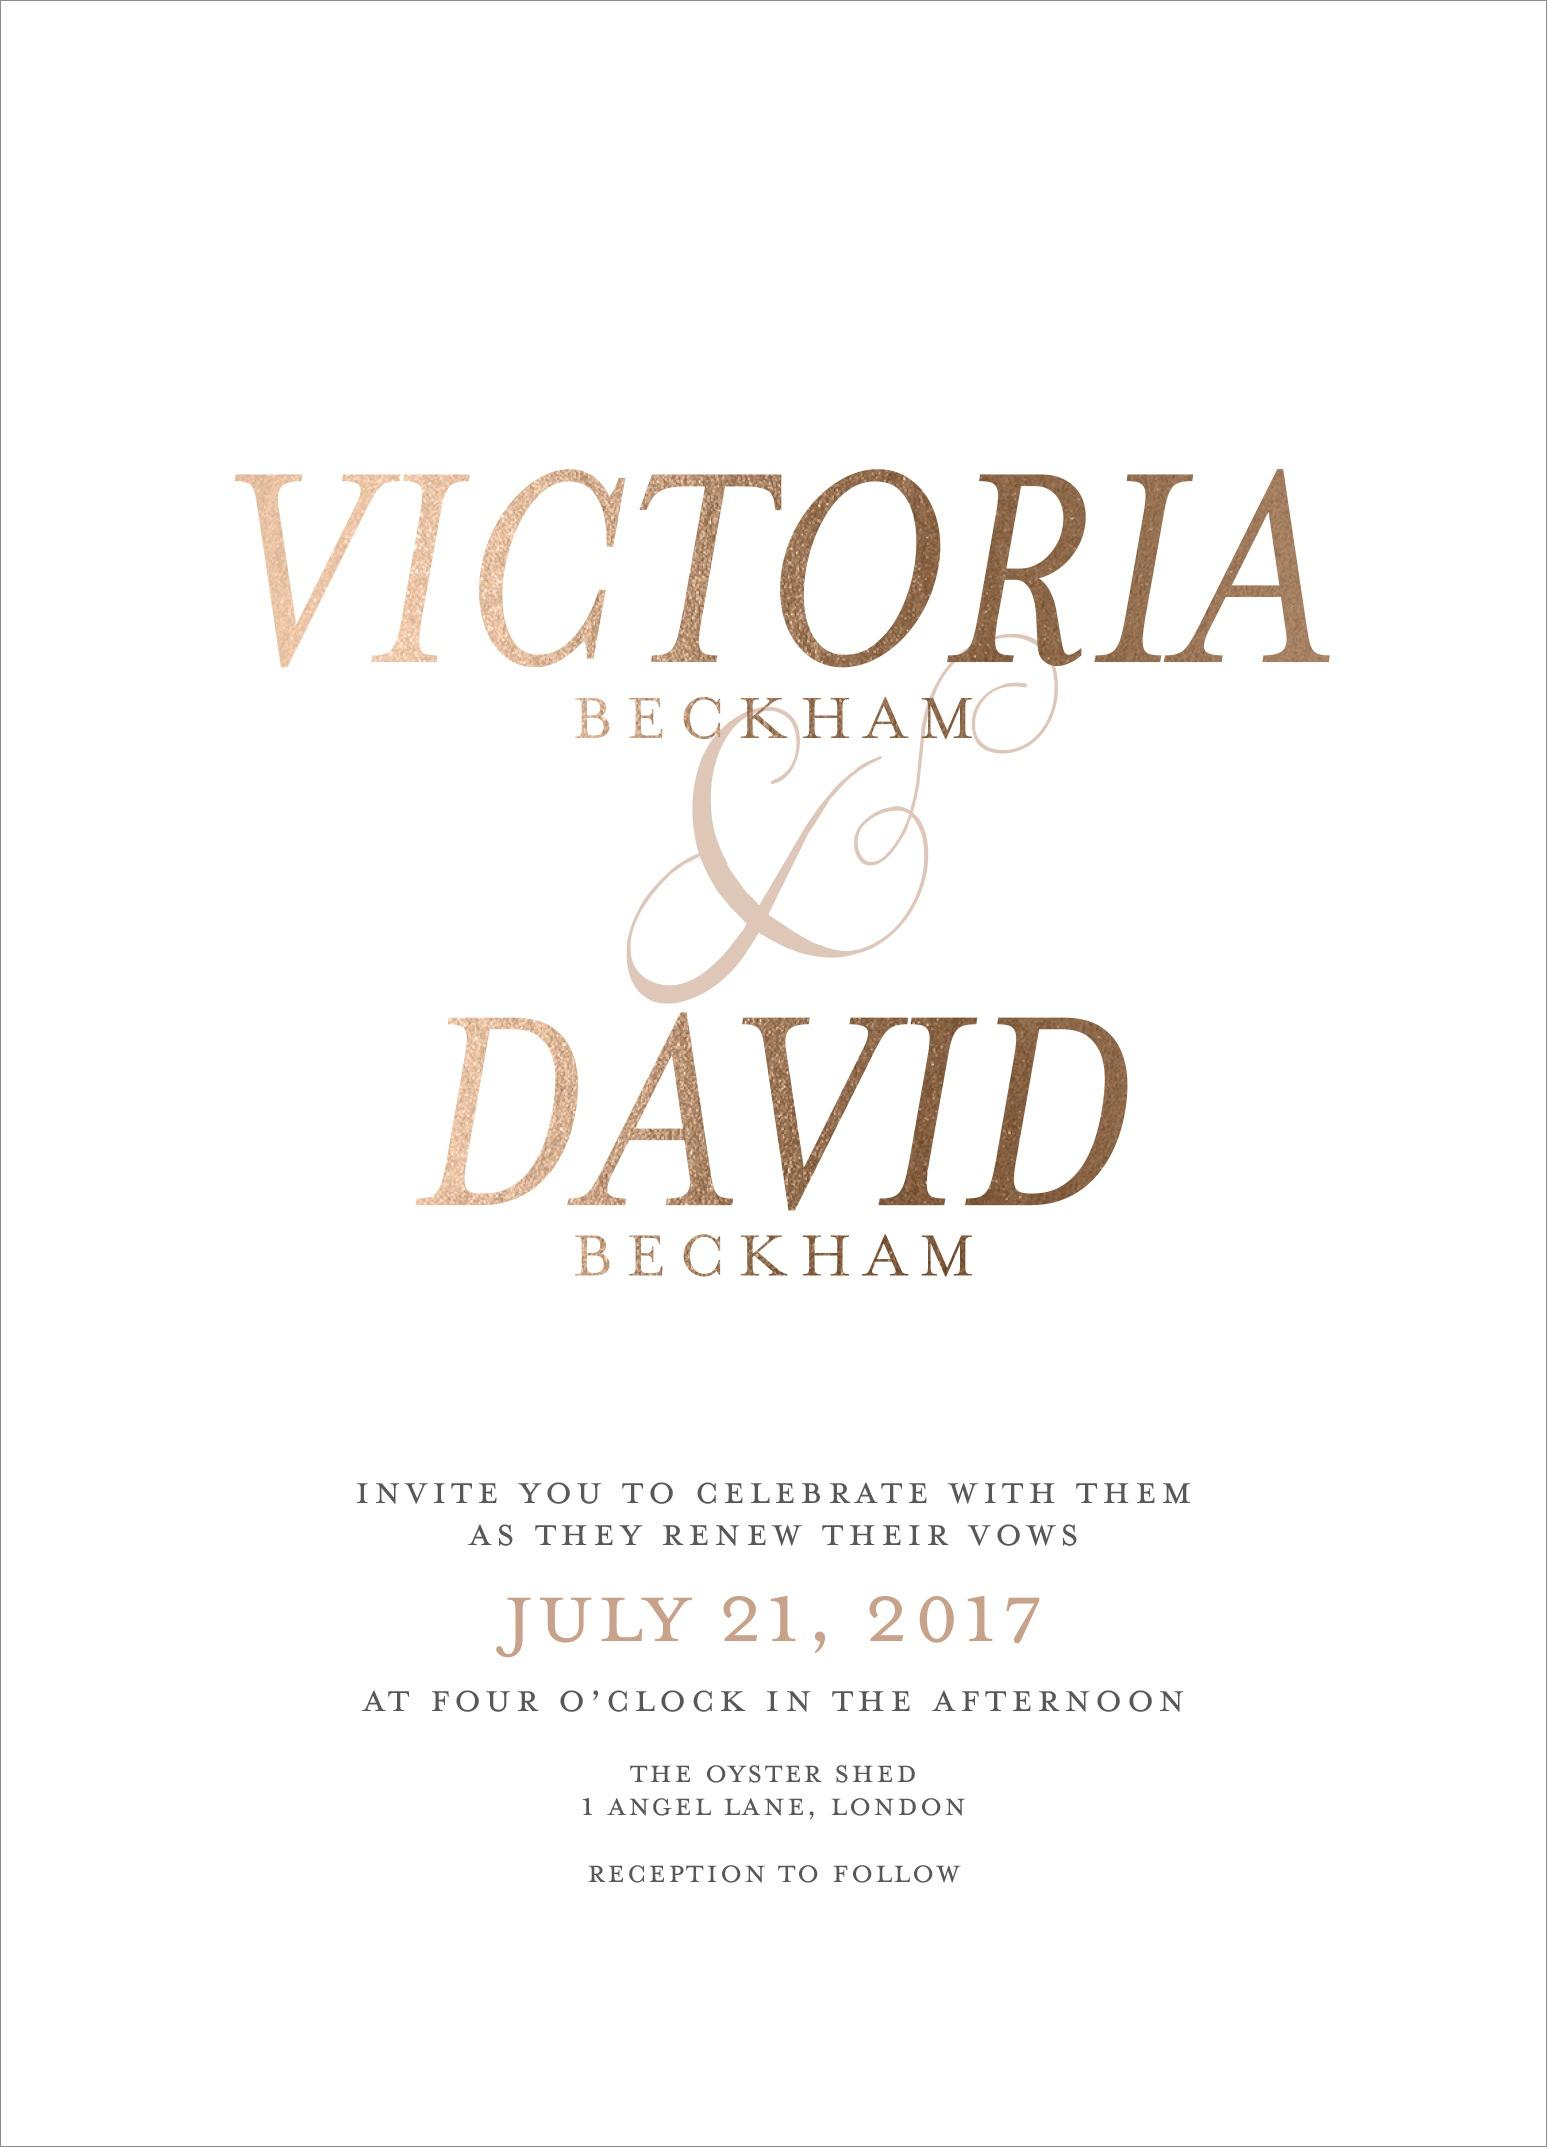 David and Victoria Beckham vow renewal prediction mindy weiss wedding paper divas